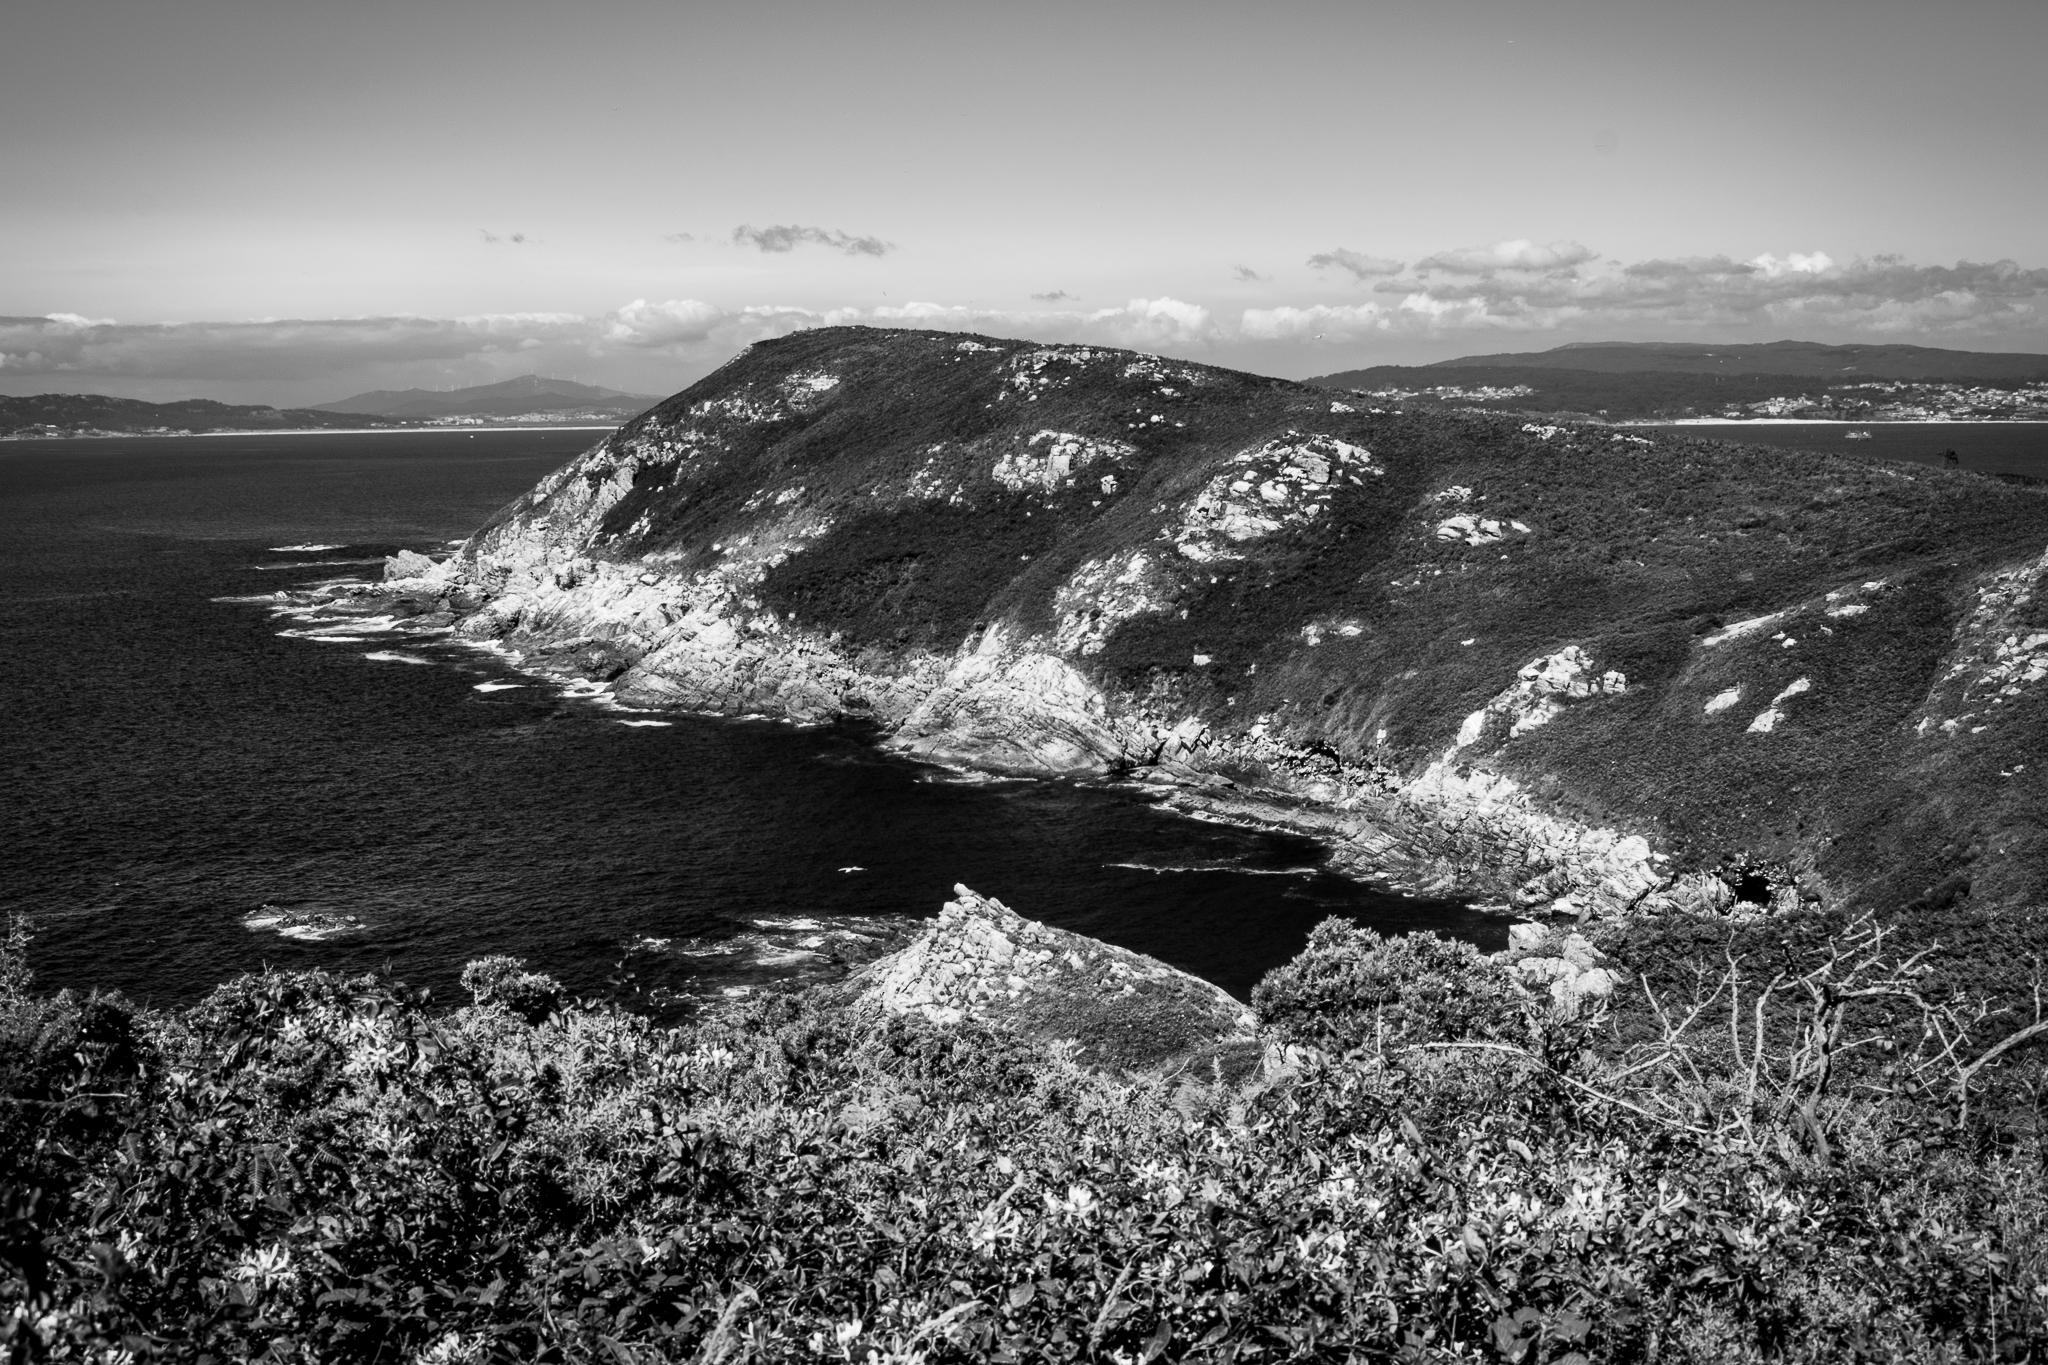 O arquipélago de Ons está conformado polas illas de Ons e Onceta e forma parte do Parque Nacional Illas Atlánticas de Galicia. Actualmente aínda conserva poboación durante todo o ano e caracterízase polos seus areais e os cantís ao longo de toda a súa costa.